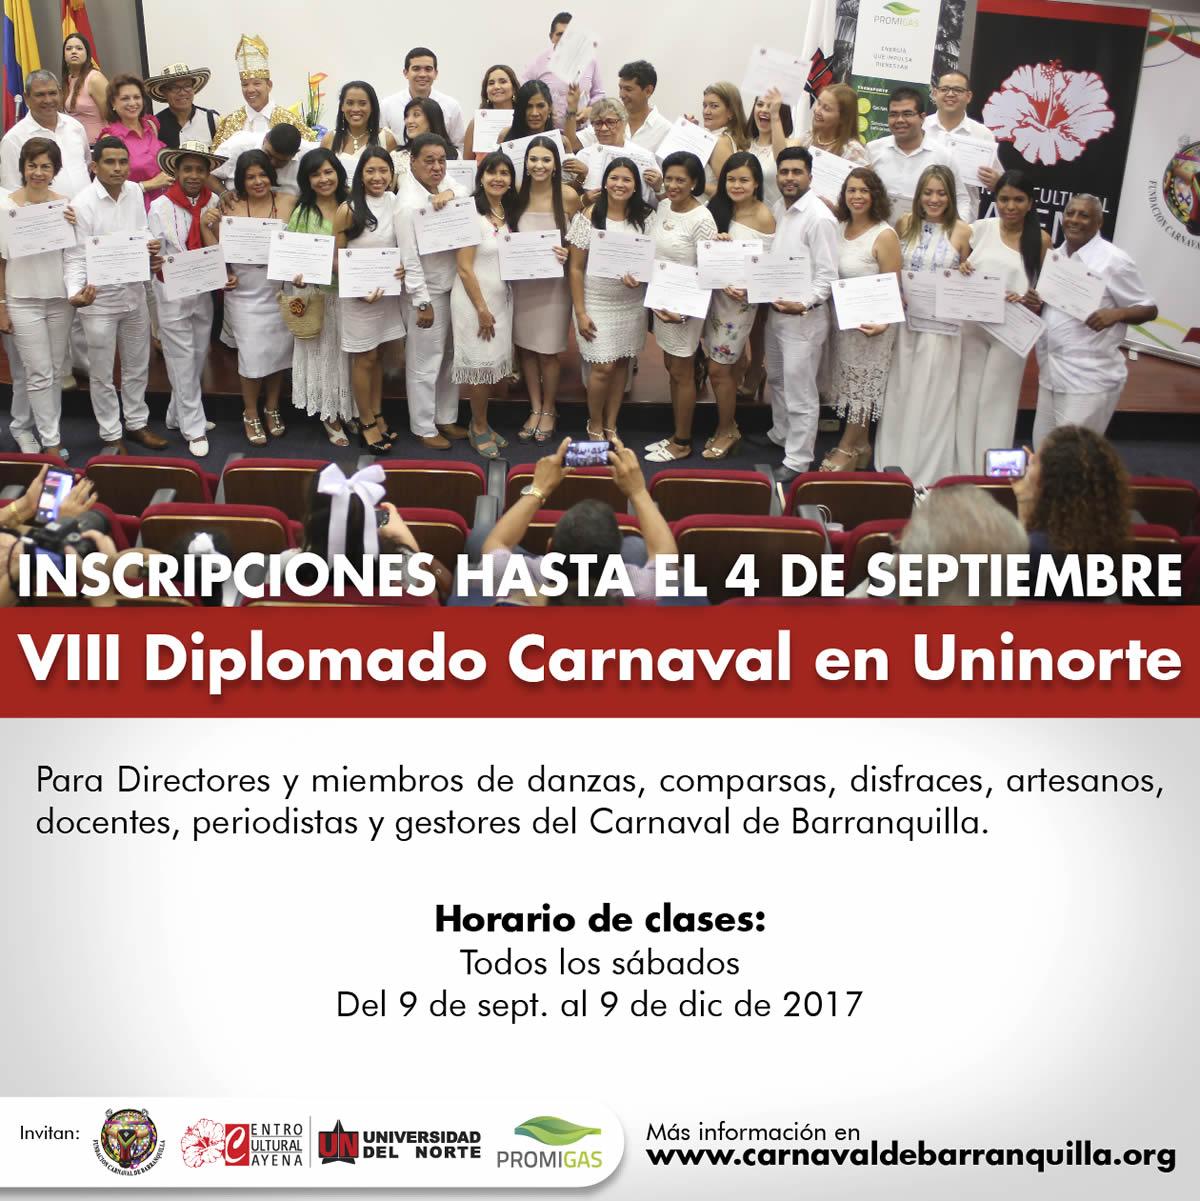 Fundación Carnaval y Promigas otorgan 30 becas para Diplomado en Uninorte